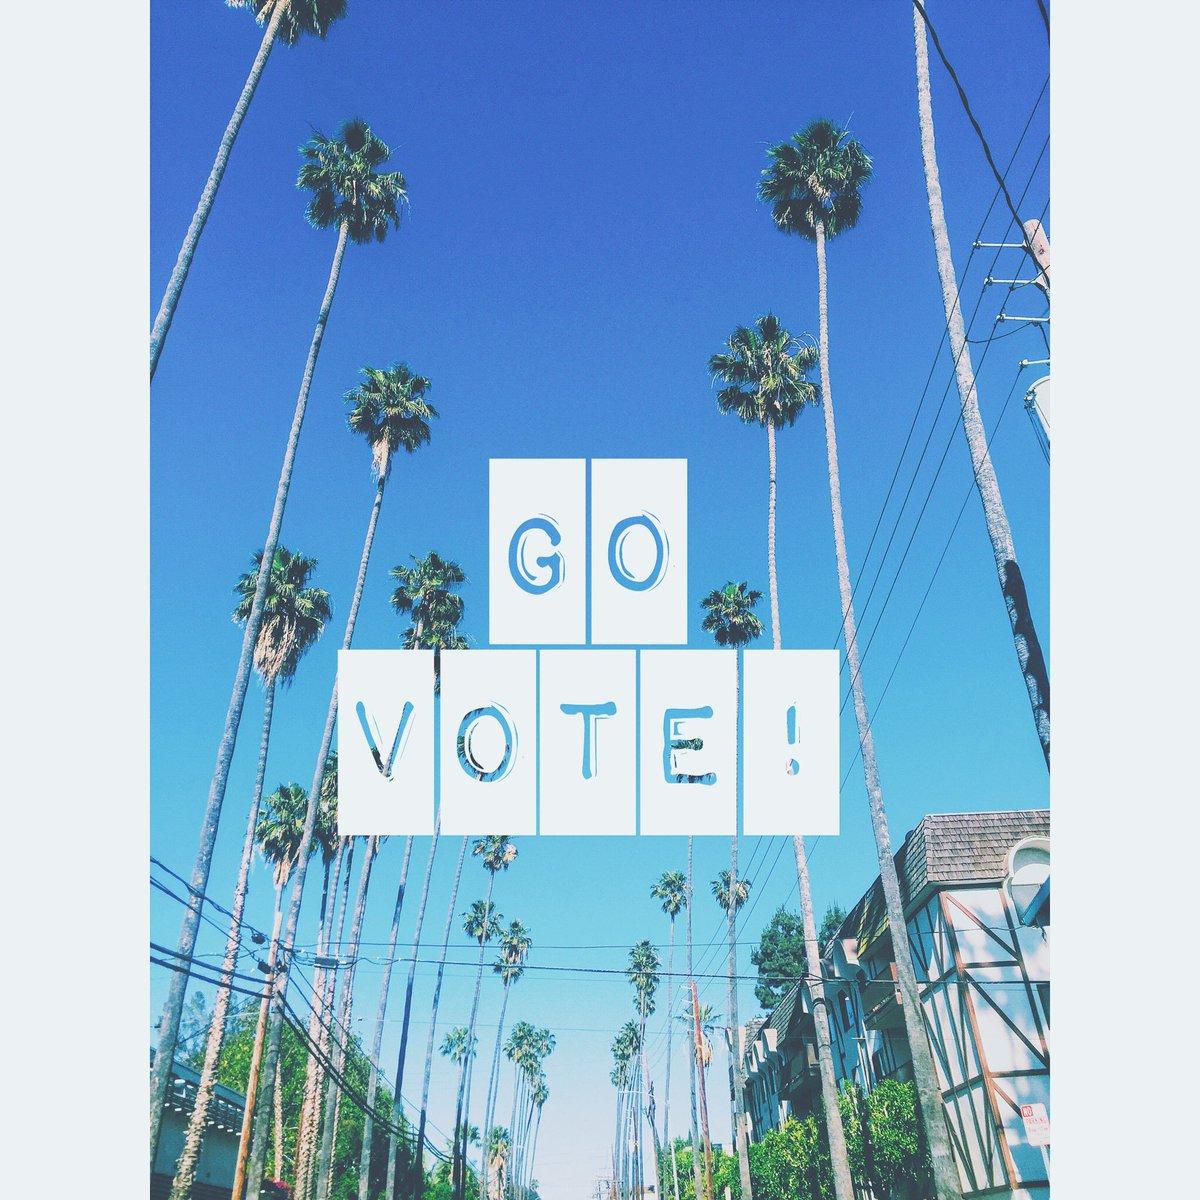 Rise, shine, & VOTE! #MyDayInLA #partyatthepolls #lovela #la https://t.co/UDNkWjXfHh